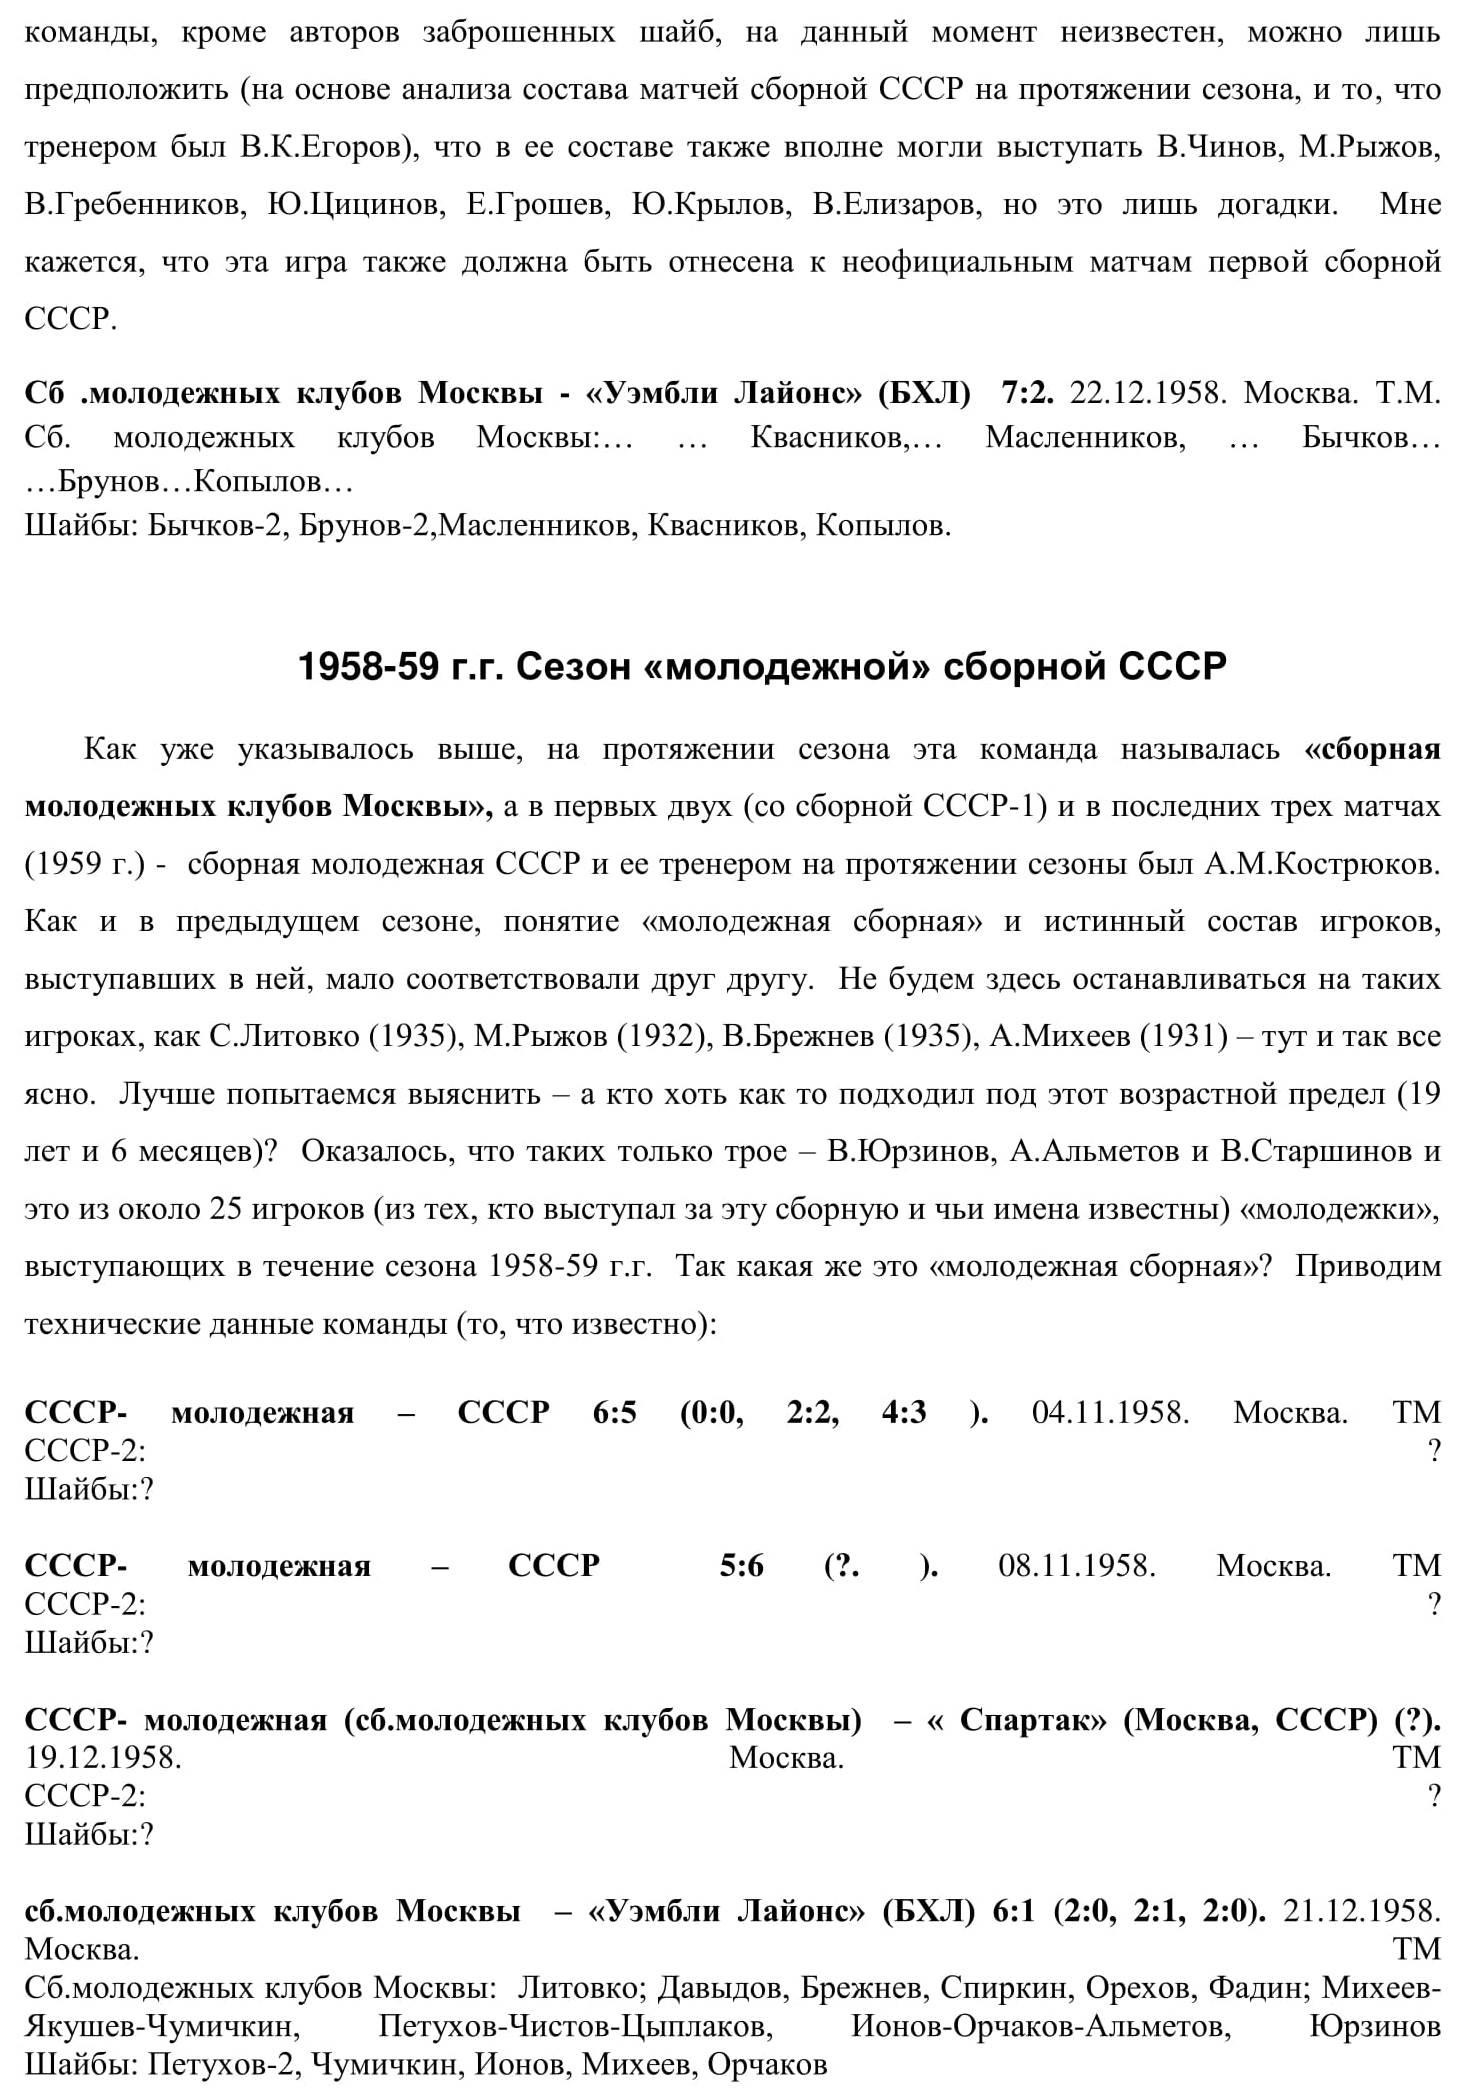 1958-3.jpg